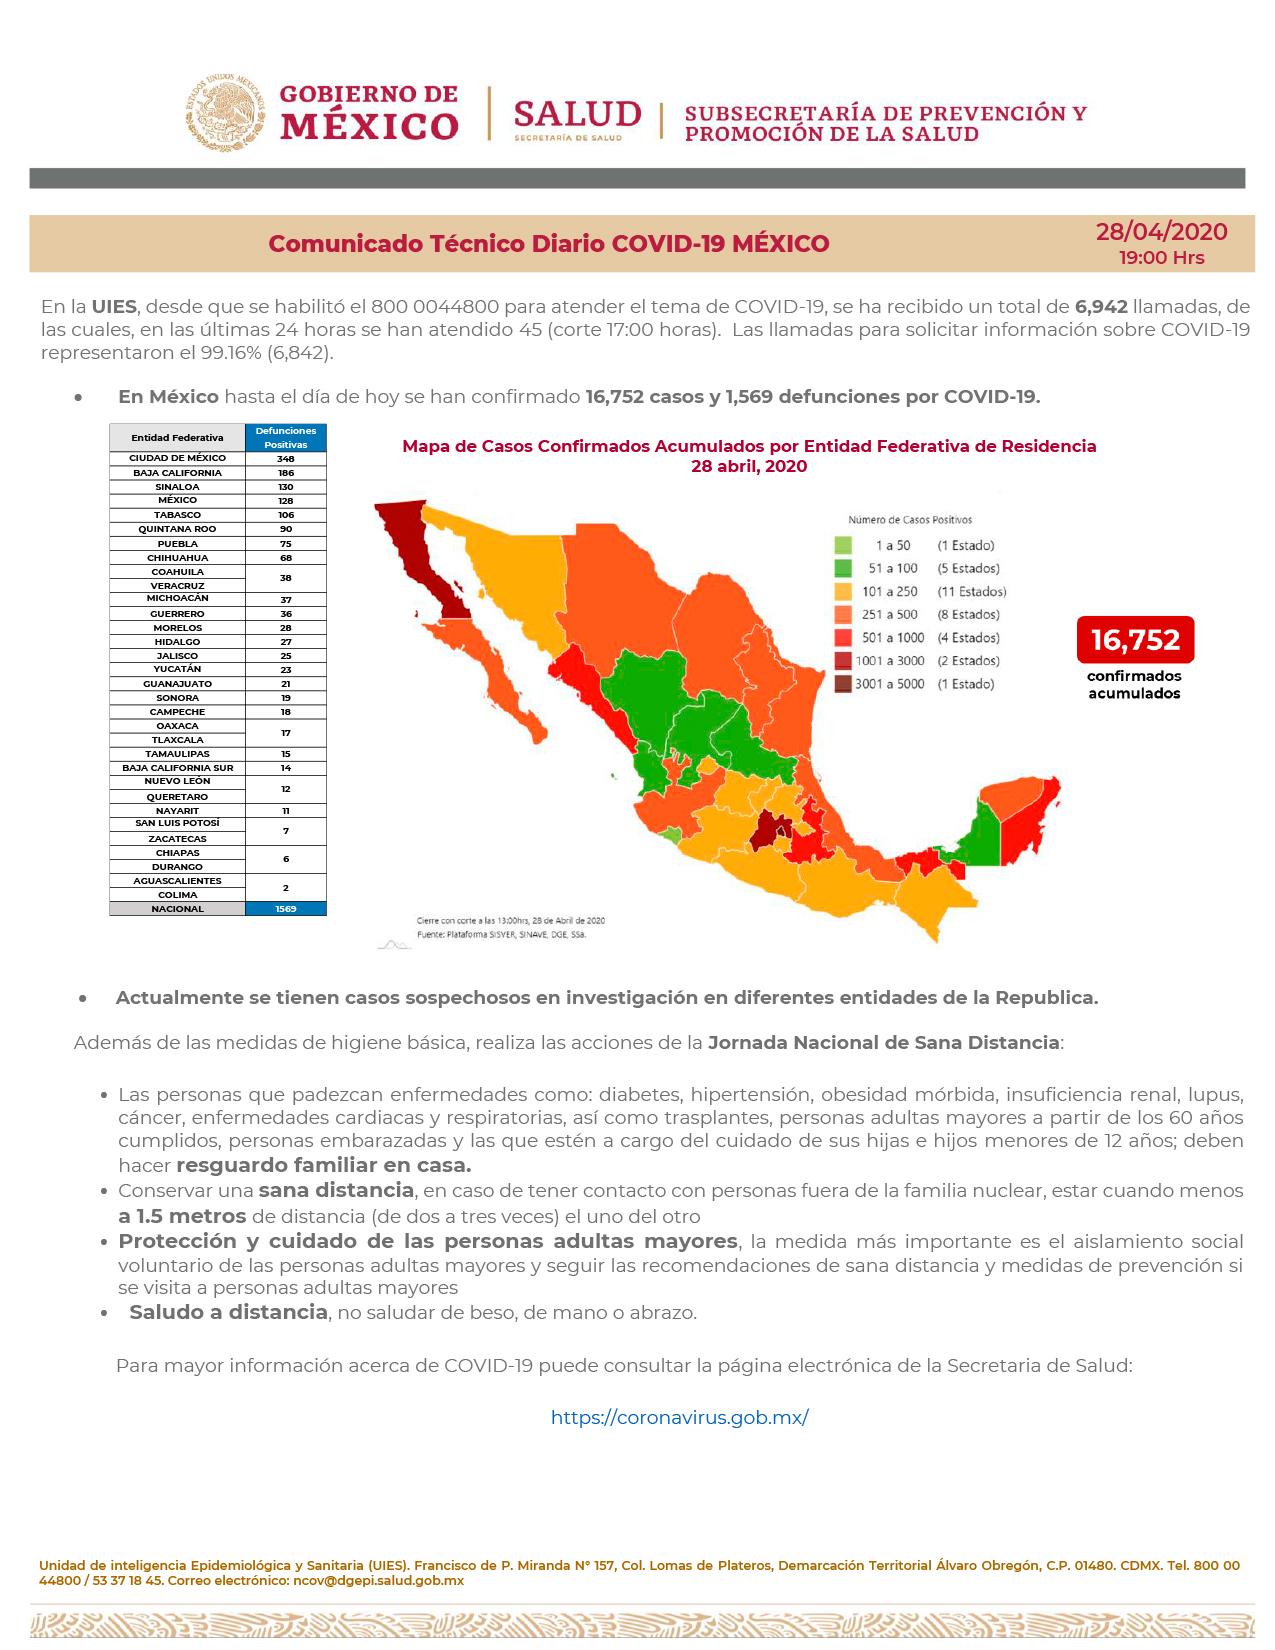 /cms/uploads/image/file/579311/Comunicado_Tecnico_Diario_COVID-19_2020.04.28-2.jpg